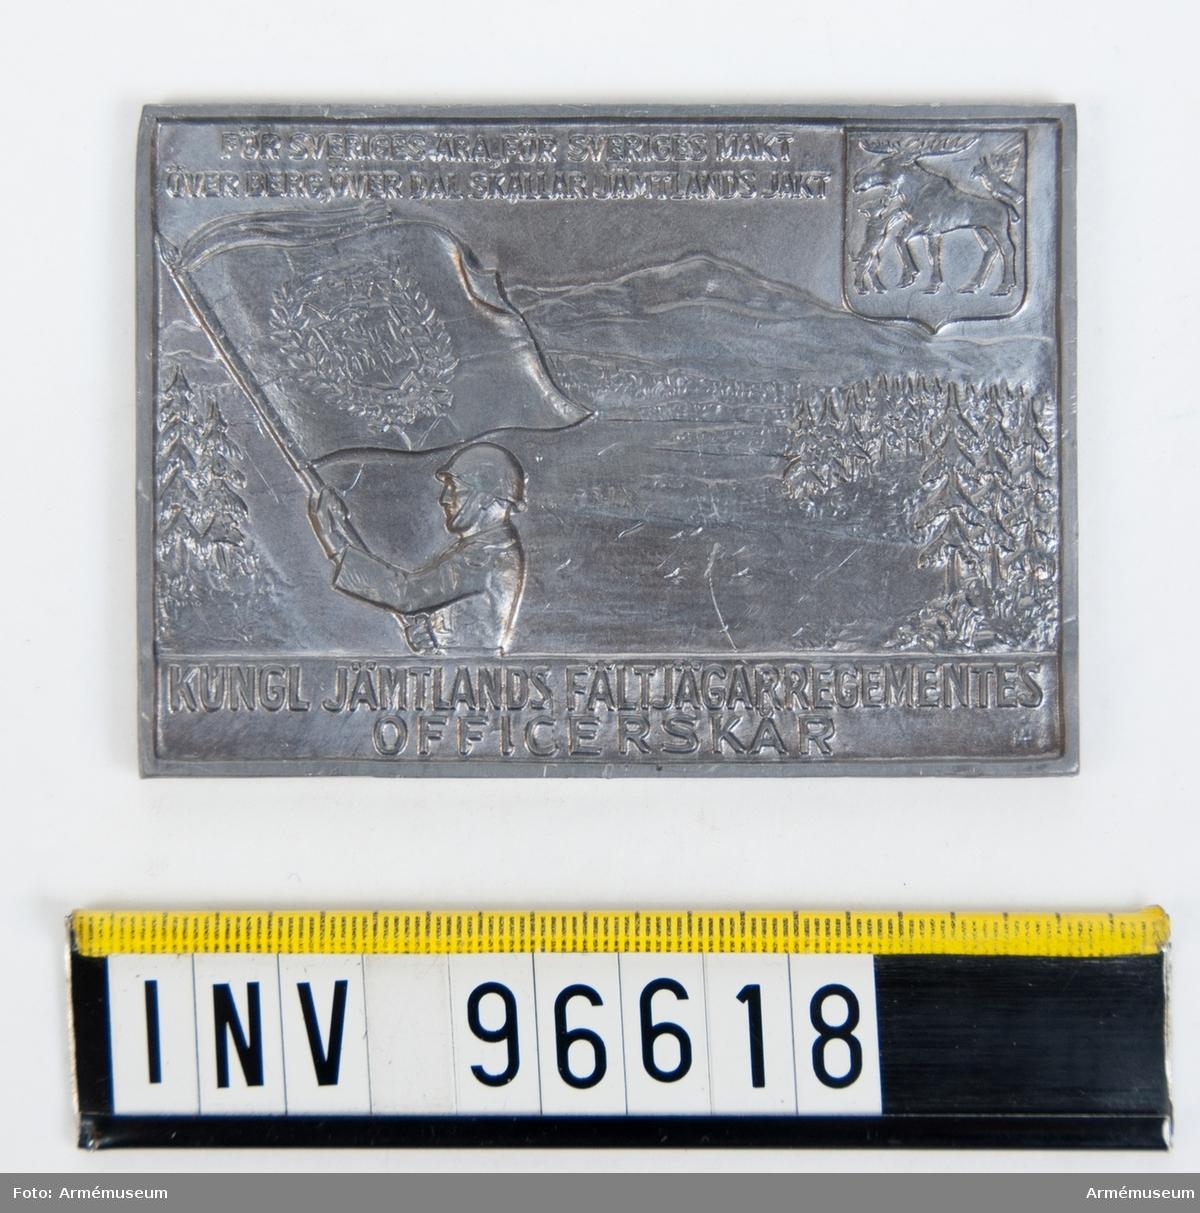 Plakett i silver för Jämtlands fältjägarregementes officerskår. Med kalkering av framsidan. Stans 46233.